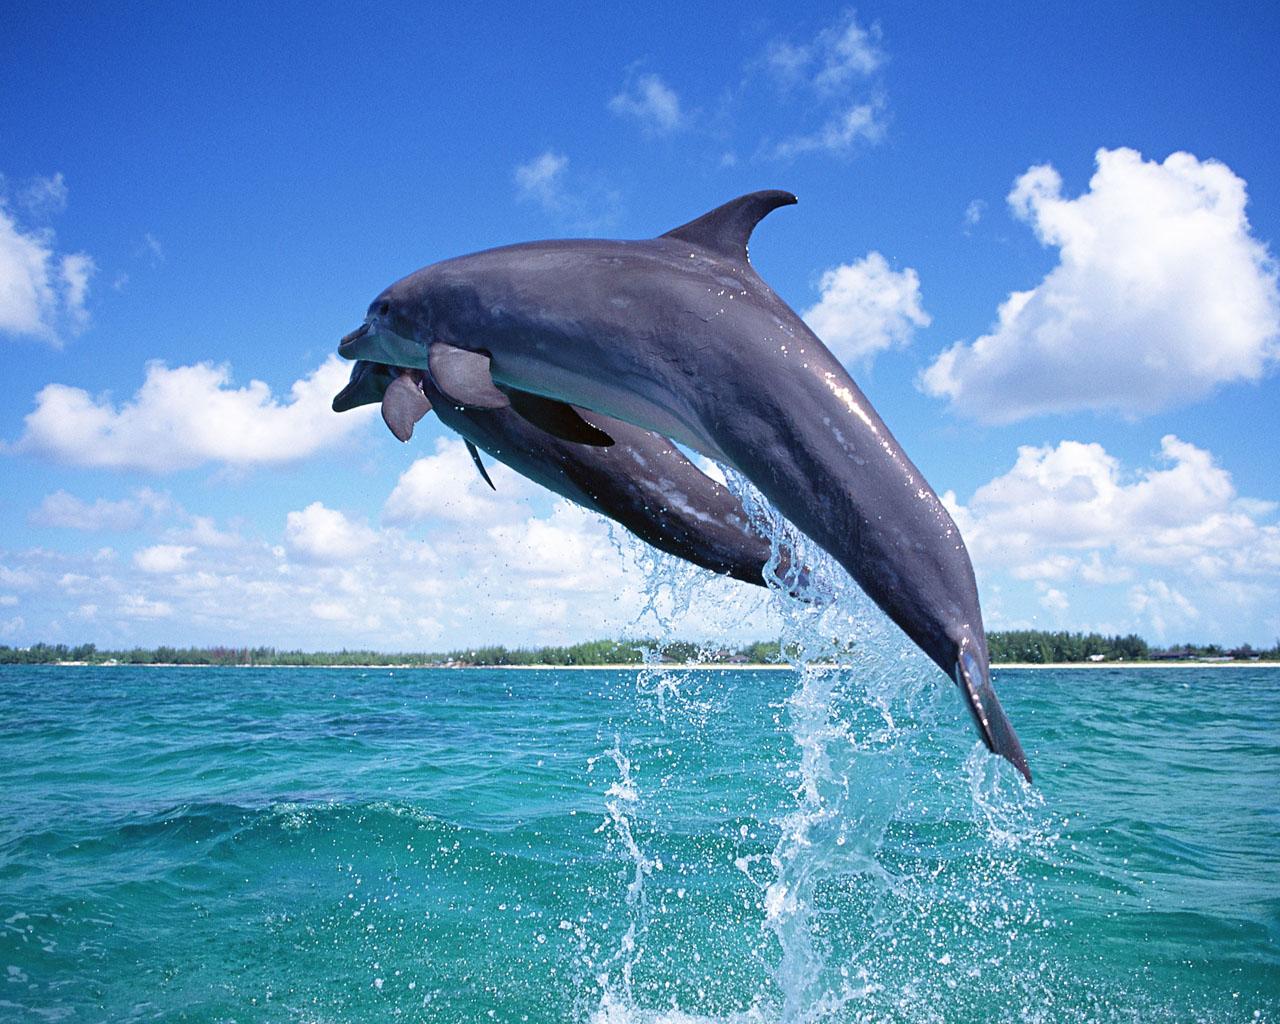 Dolphin Flight On The Sea - Dolphin Flight On The Sea